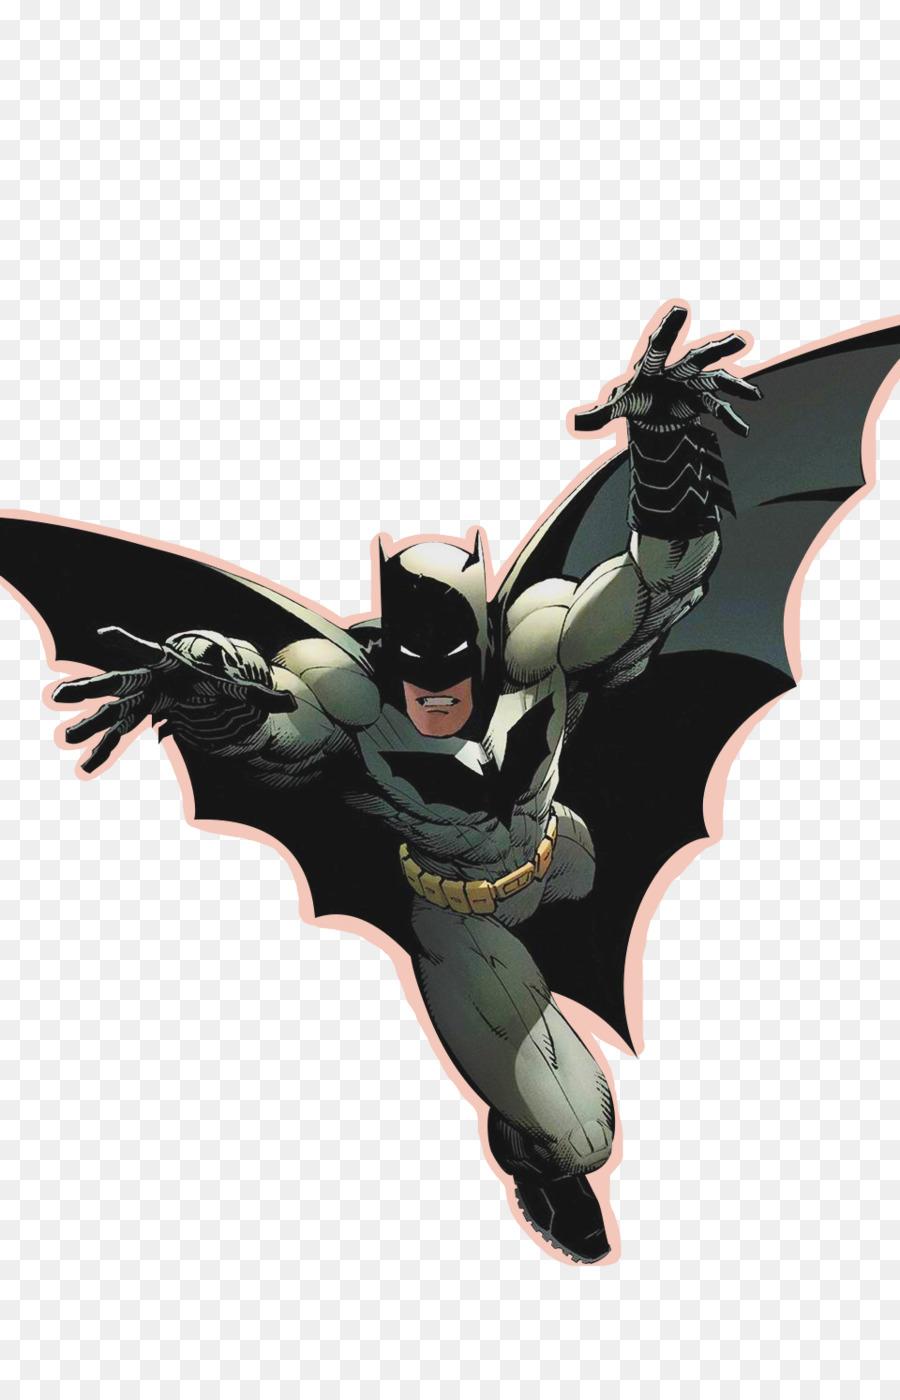 Batman: hush joker the untold legend of the batman dc comics.